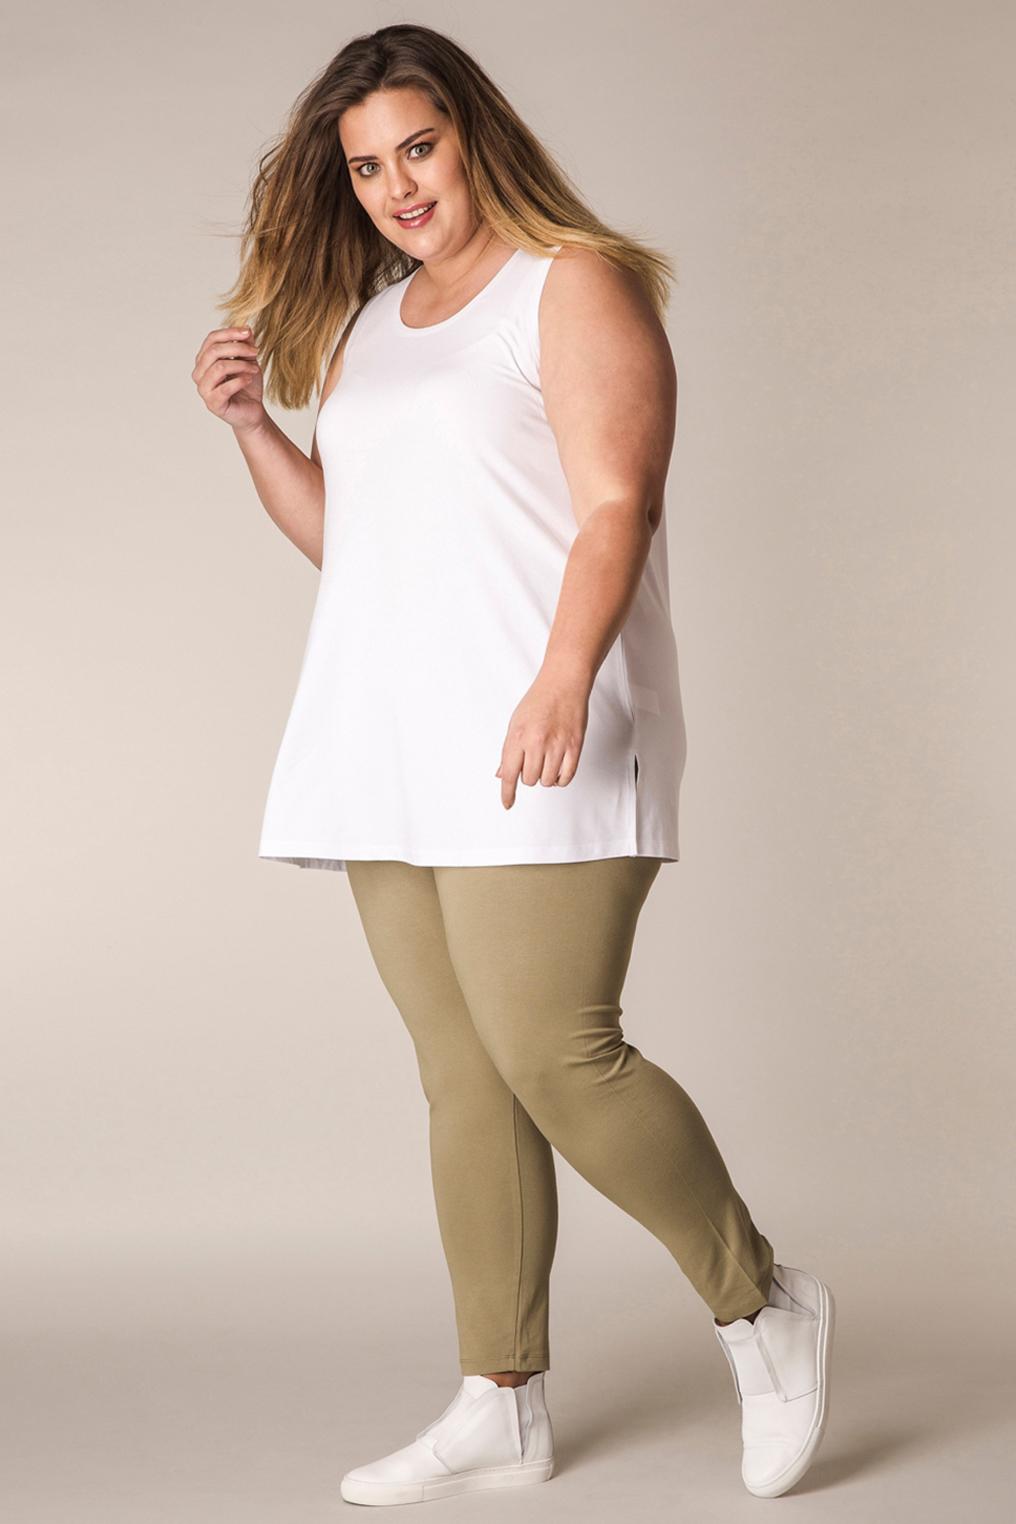 Legging Andrea Yesta (Xternal)